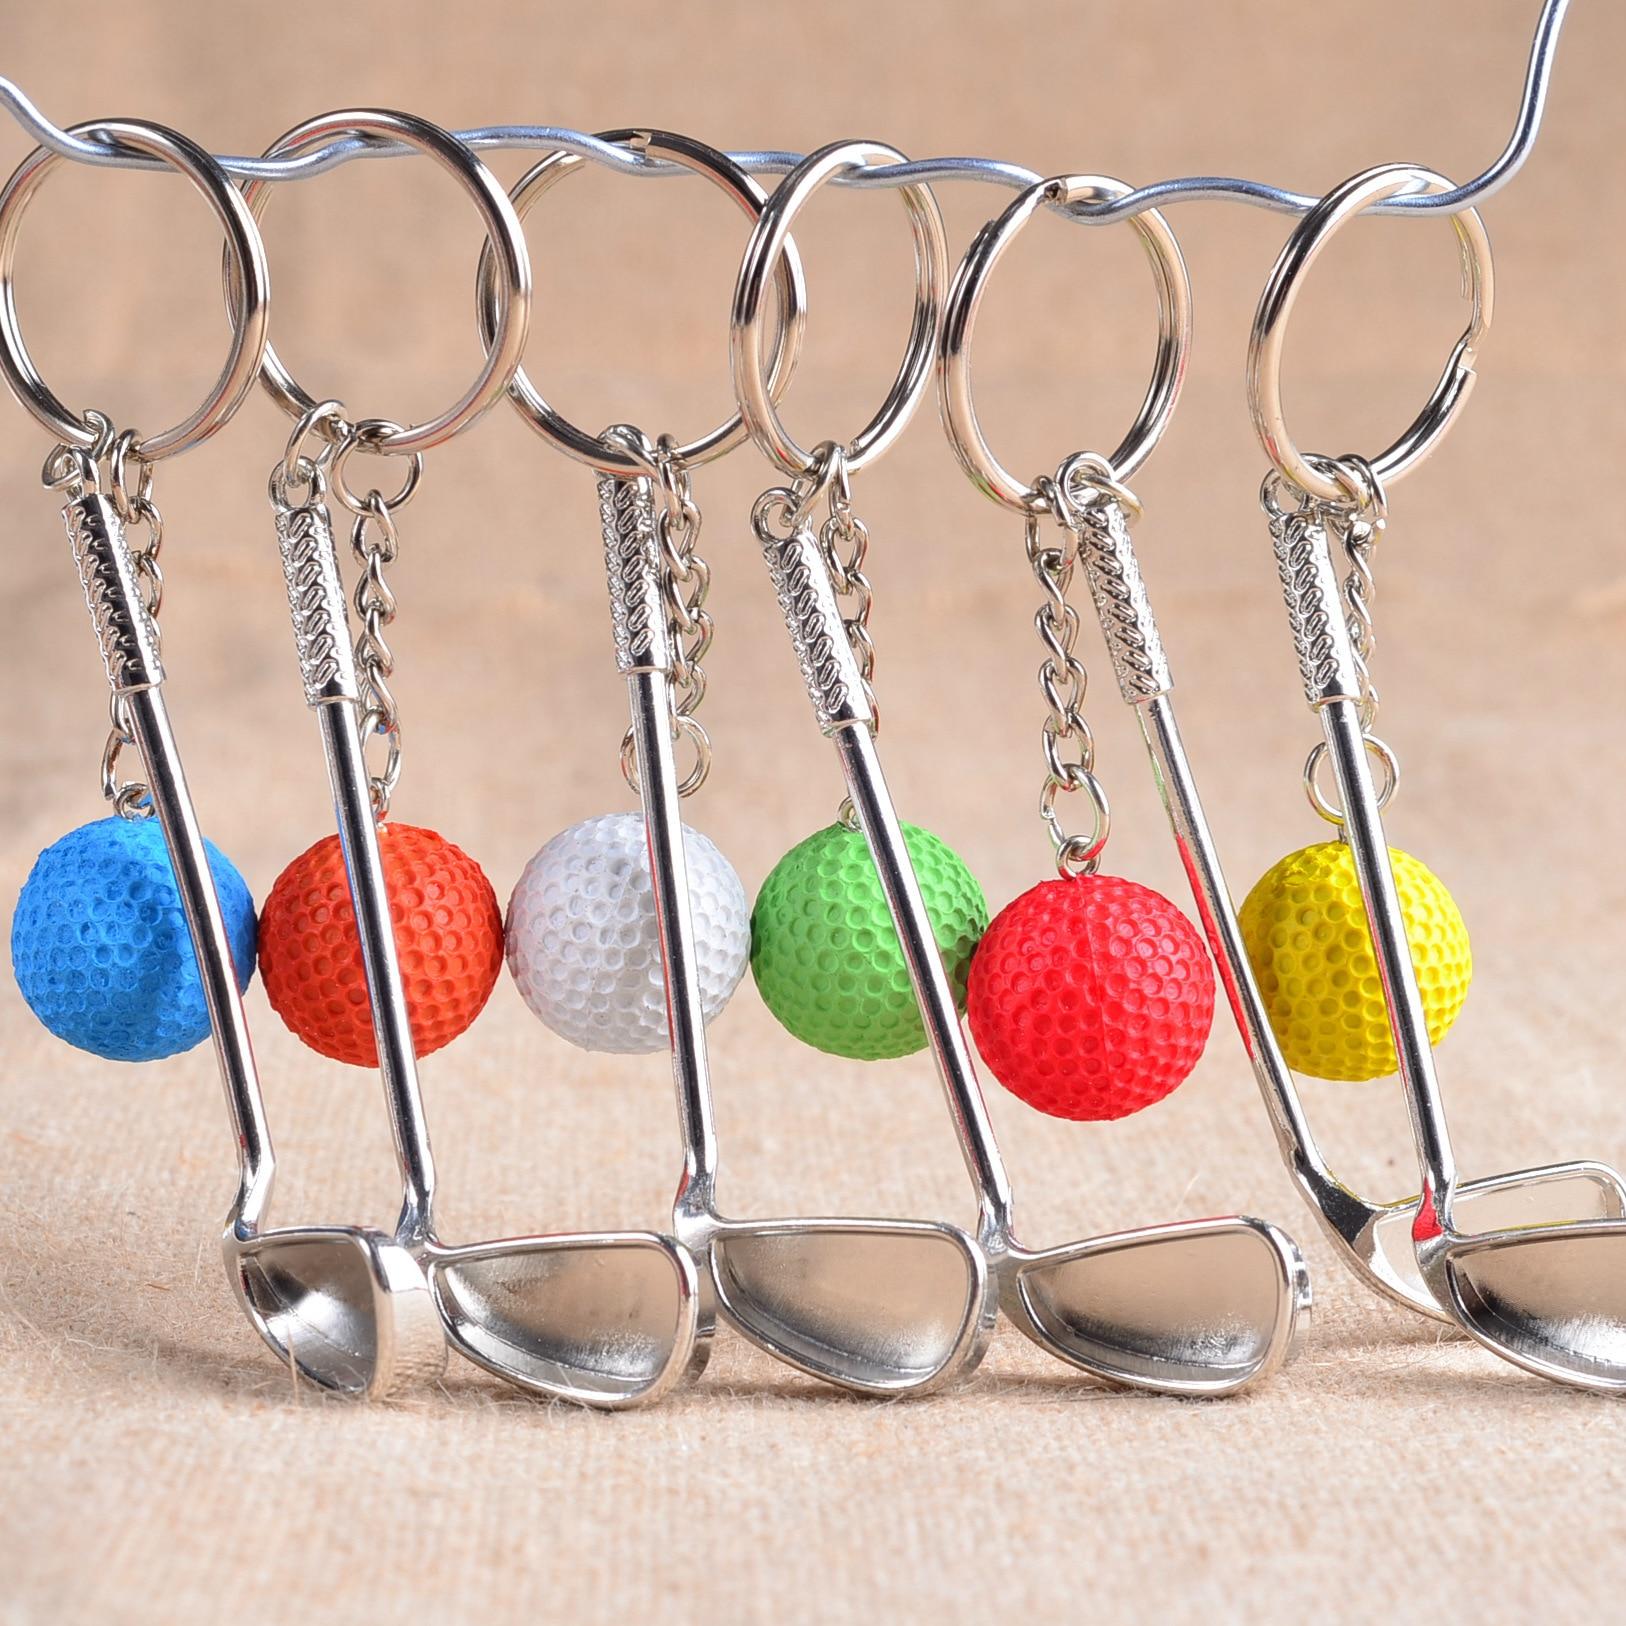 Gros 100 Pcs/Lots métal Golf clé boucle haute qualité articles de sport sport Souvenirs balle porte-clés